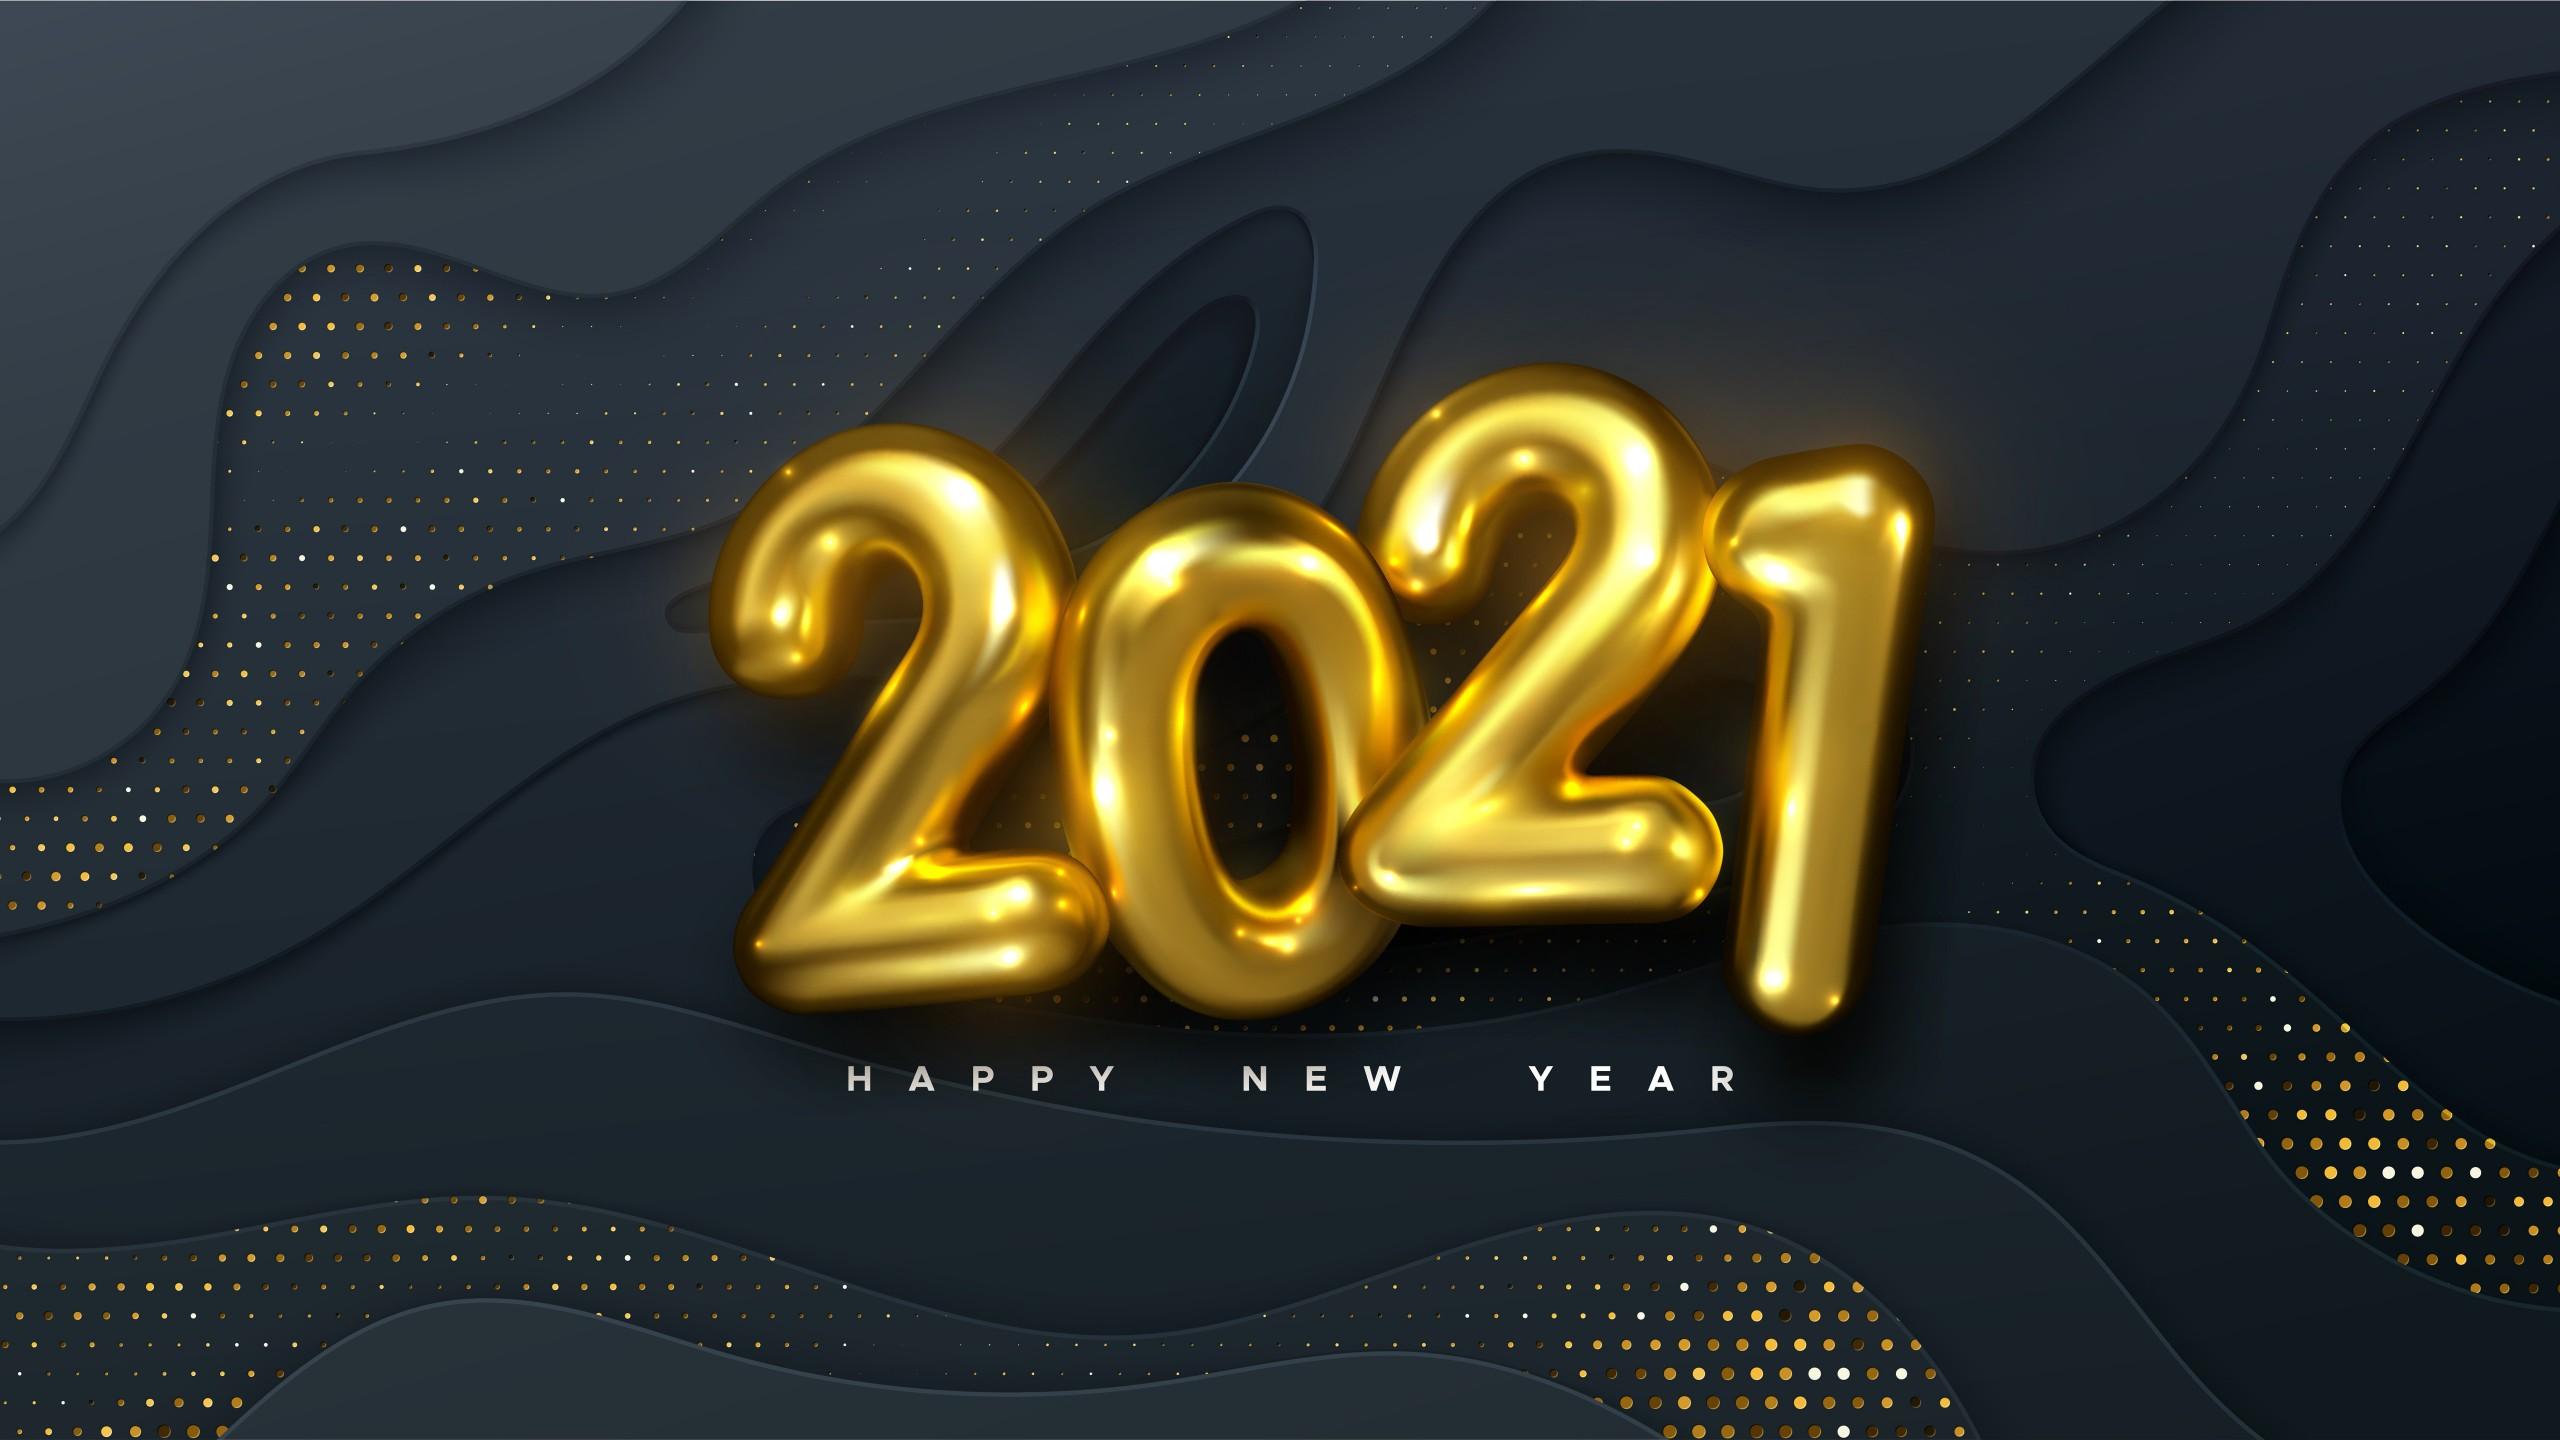 Wallpaper Golden balloons New Year 2021